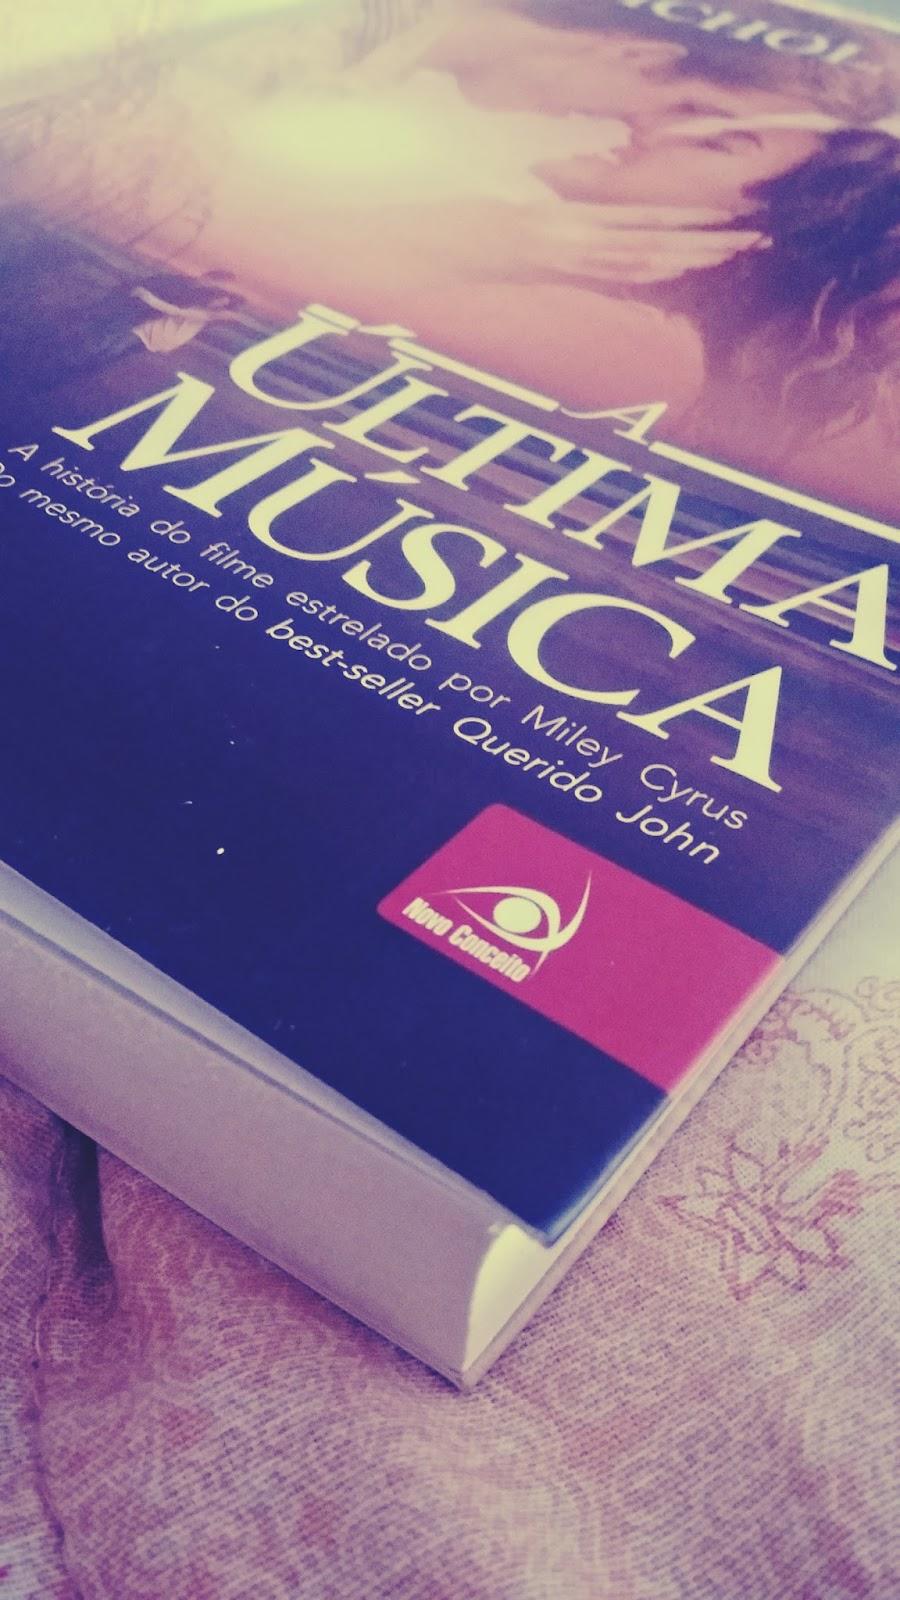 Resenha do livro A última música.